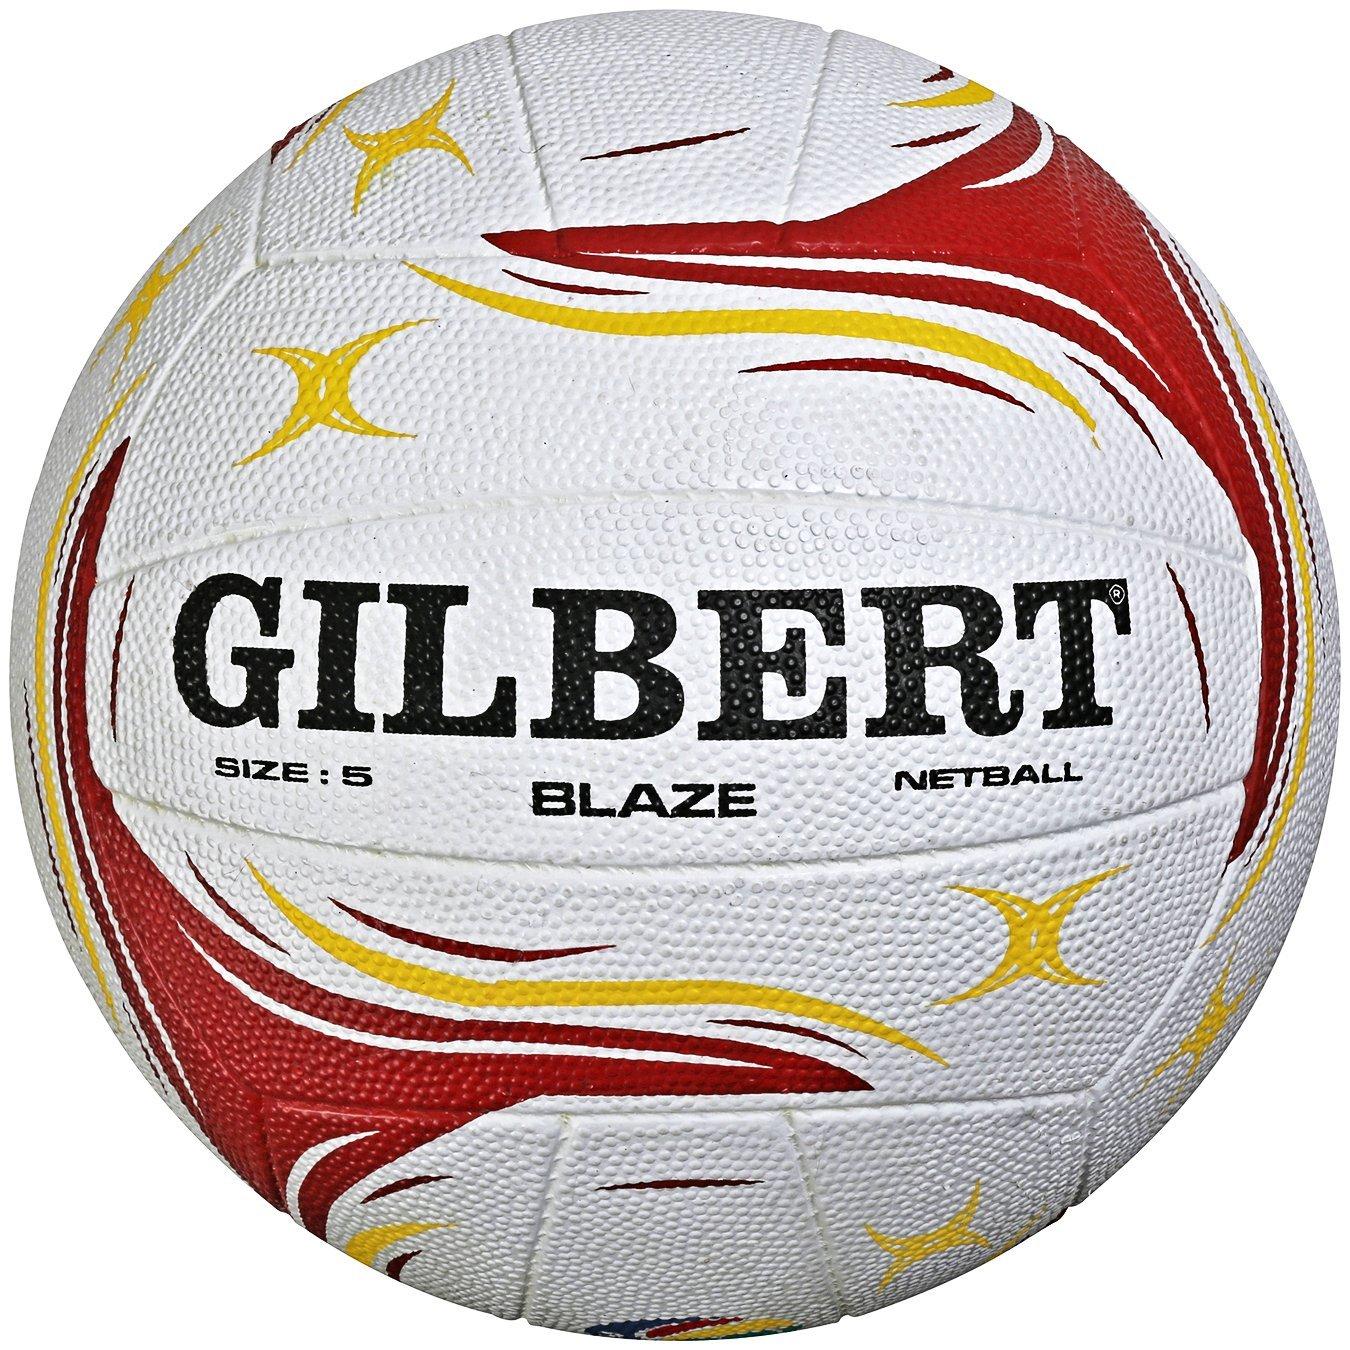 Gilbert Blaze Match Netball Size 4 or Size 5